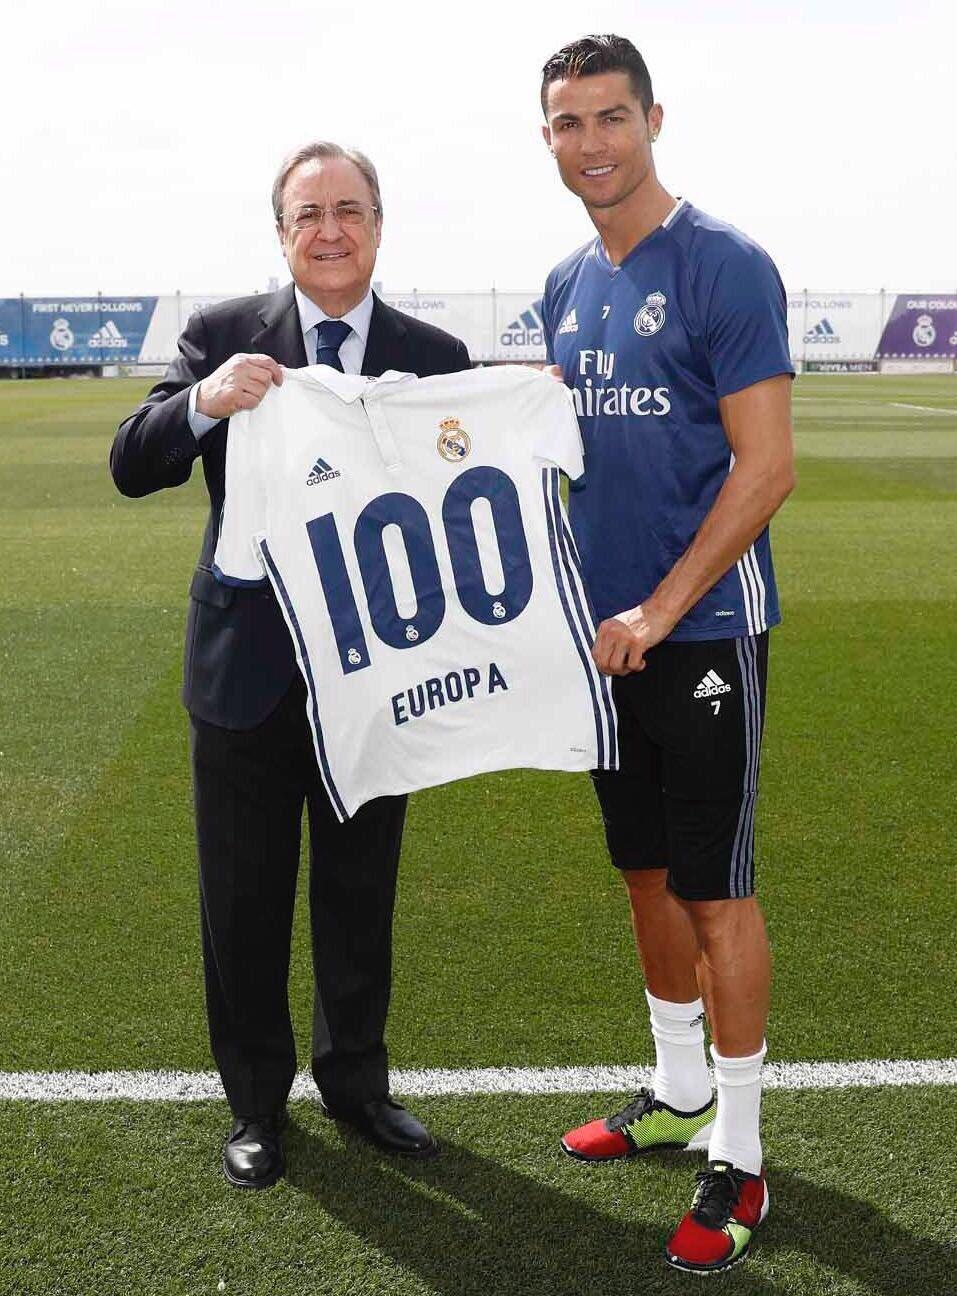 Feliz, por haber logrado el récord con la camiseta de este club.  Hala Madrid! ���� https://t.co/hS7VFx9UF2